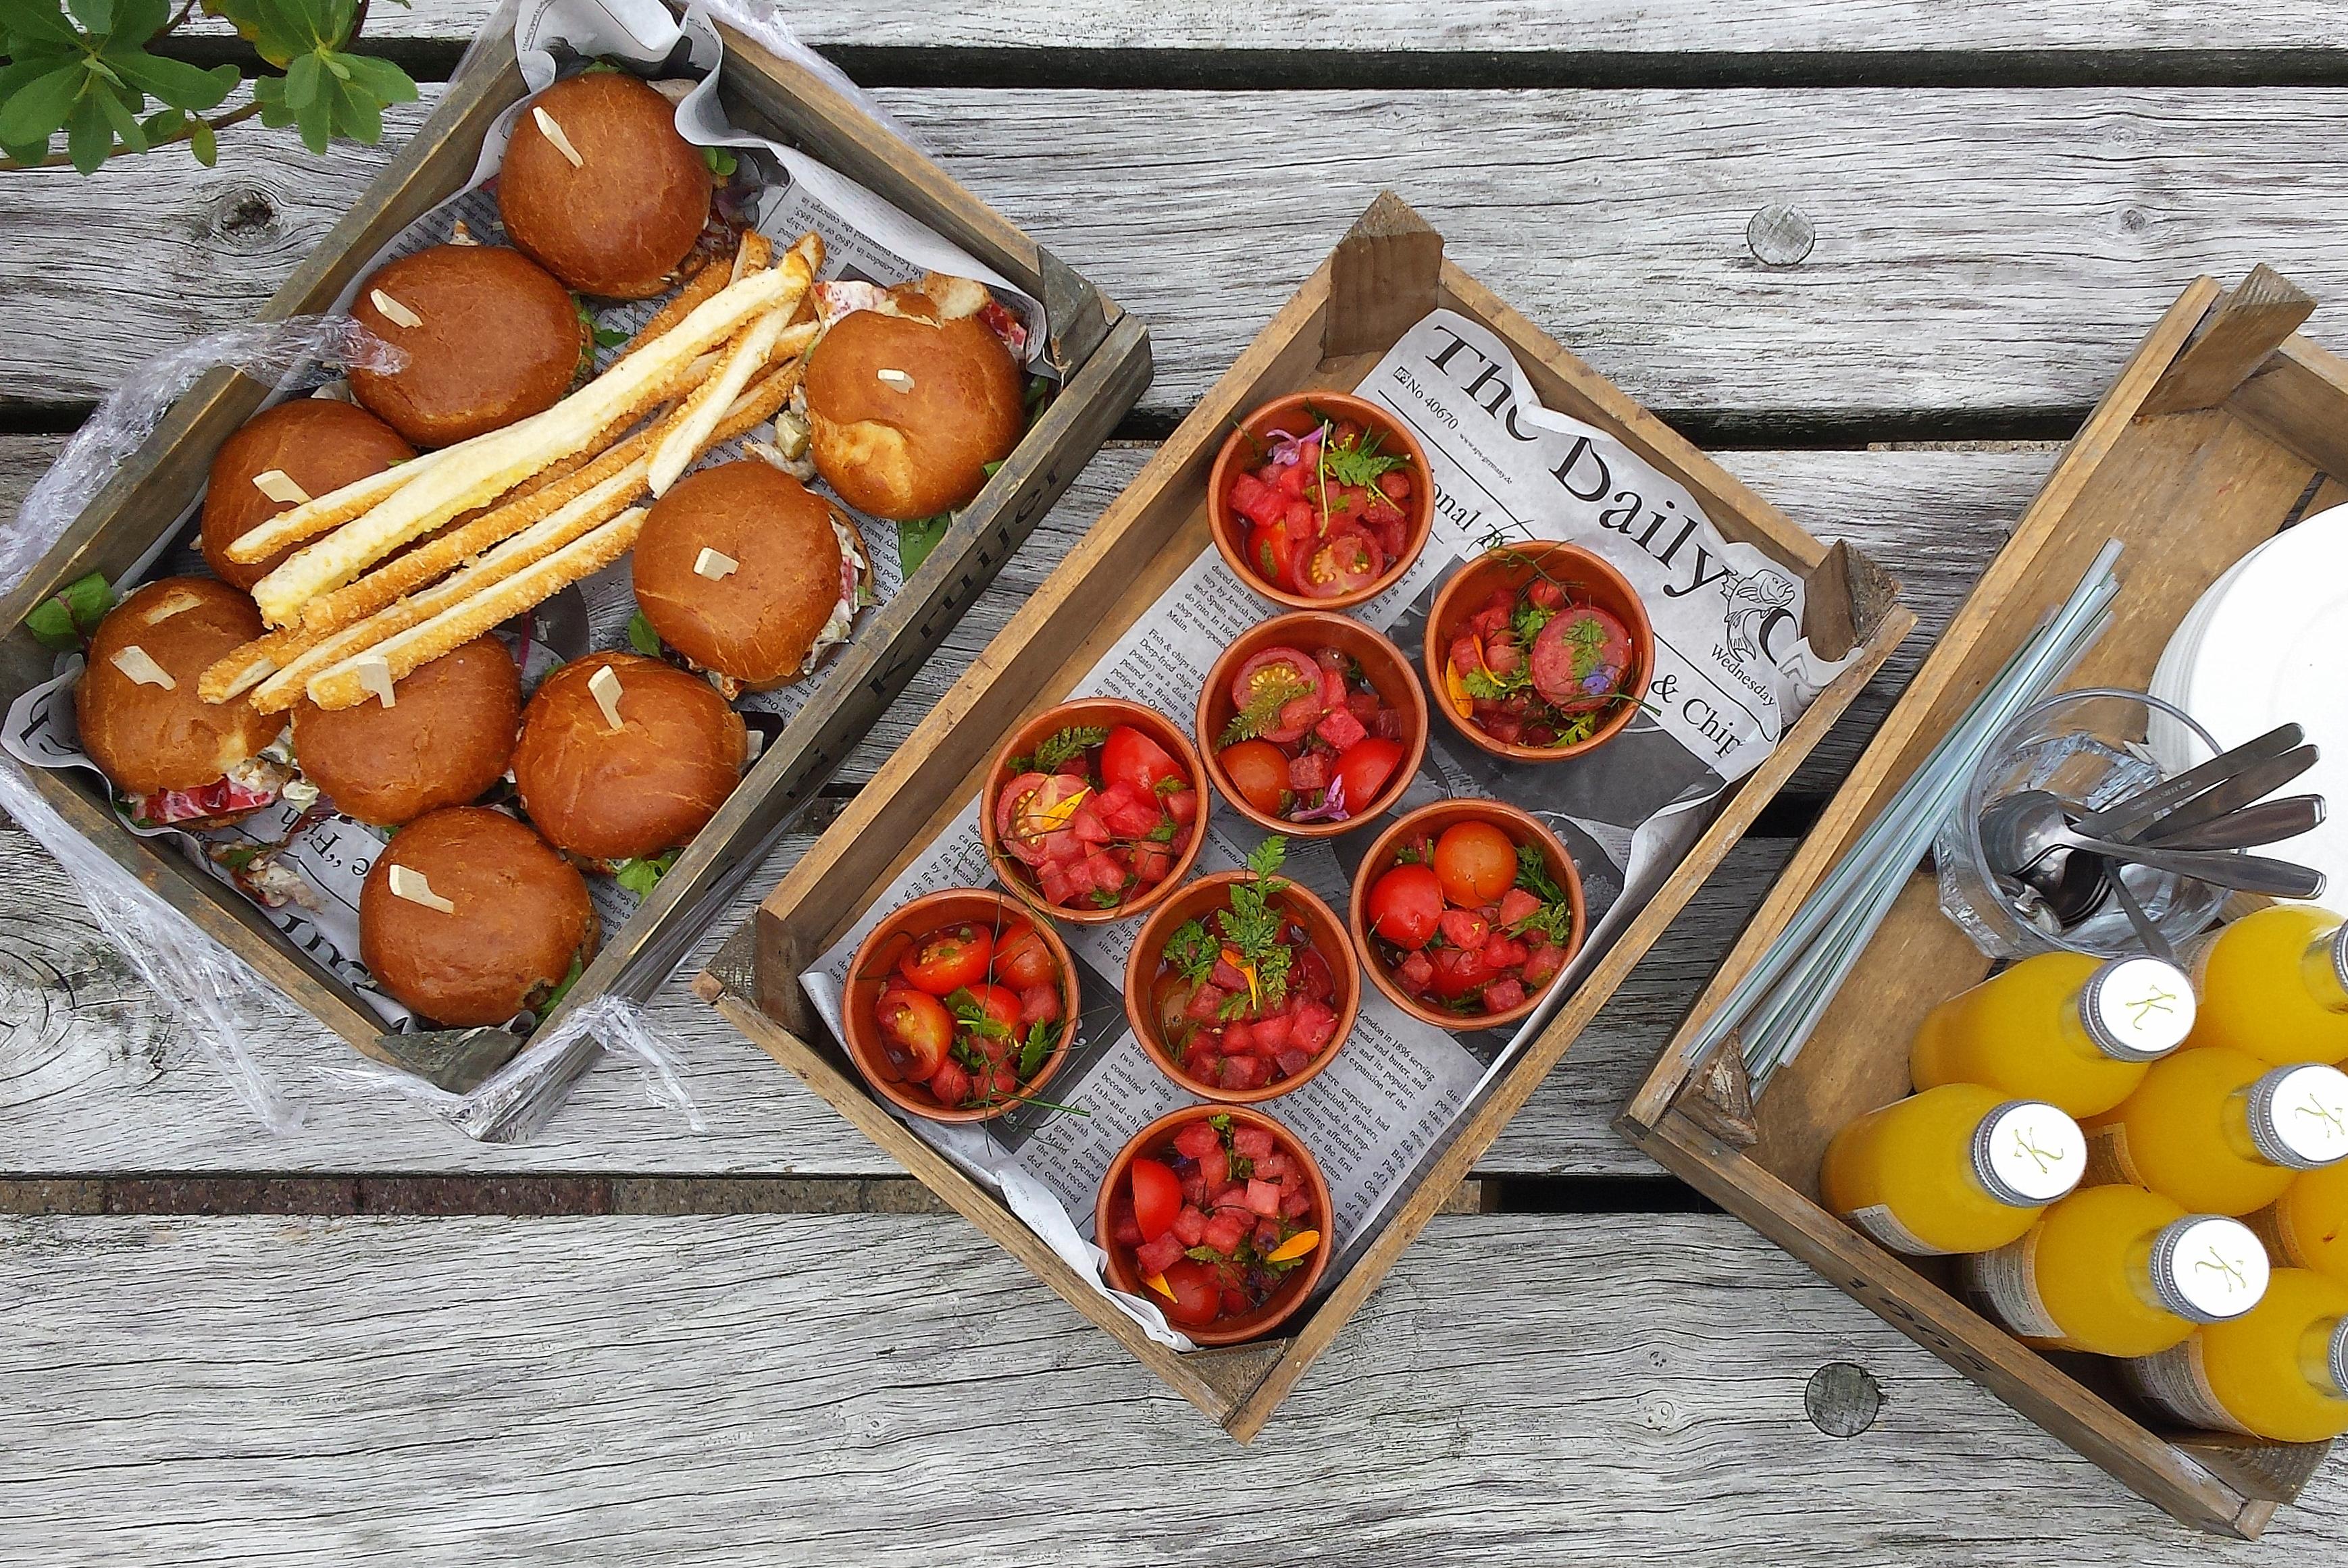 Friesland foodie